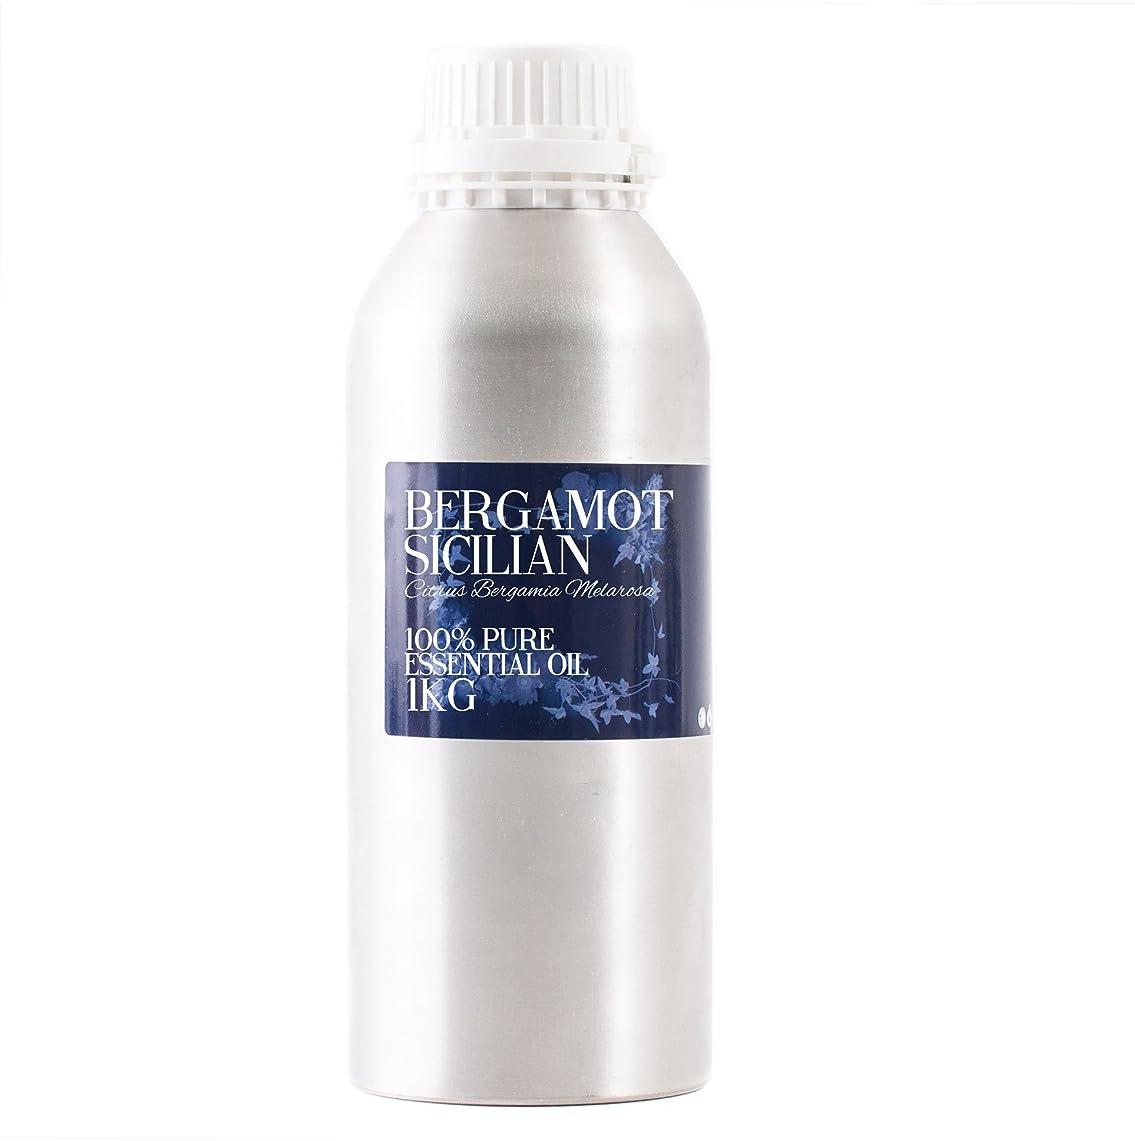 同盟レンズ非公式Mystic Moments | Bergamot Sicilian Essential Oil - 1Kg - 100% Pure